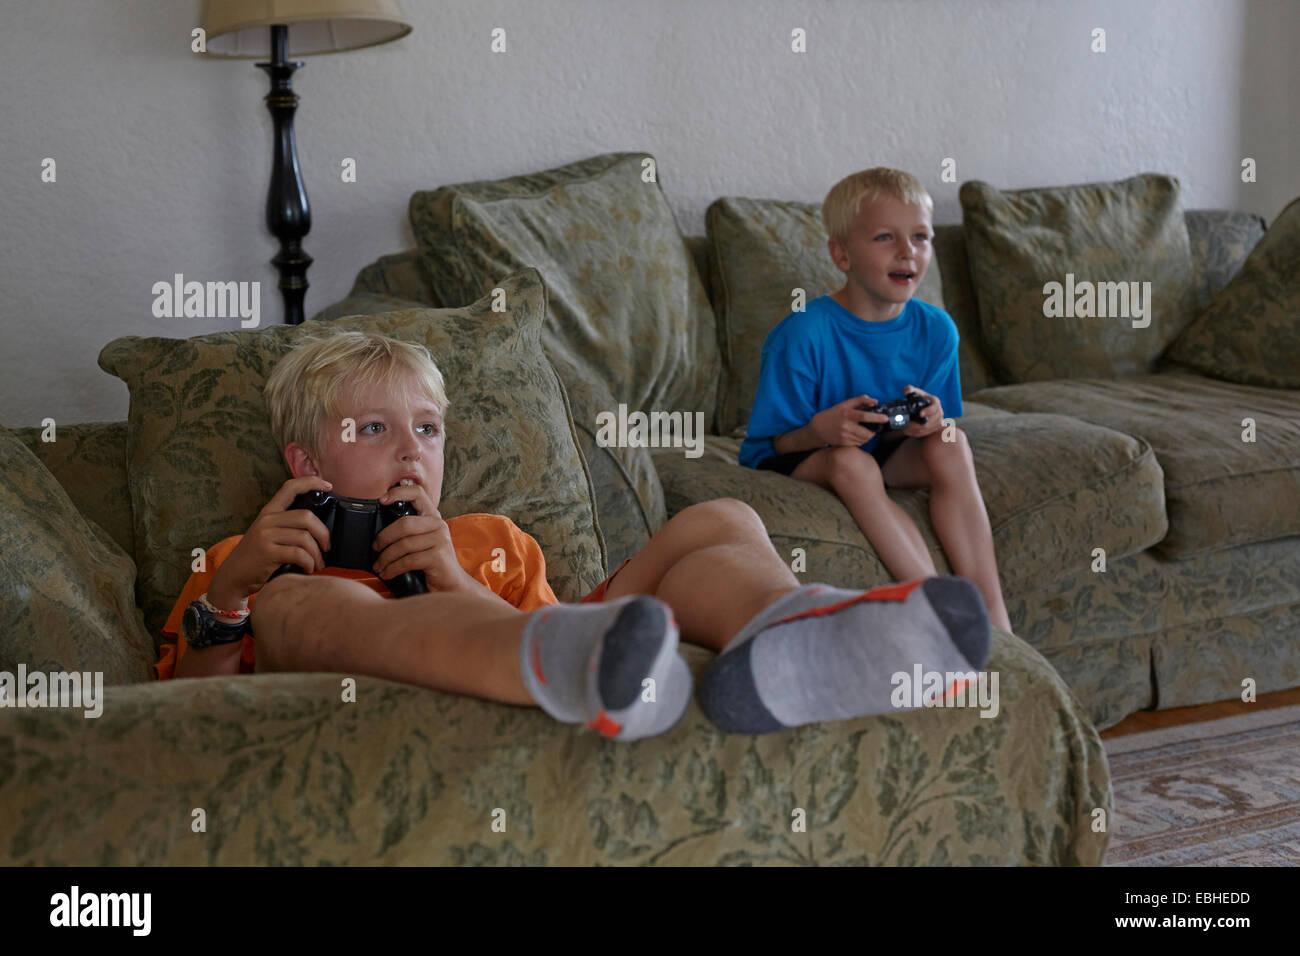 Hermanos jugar video juego en el salón Imagen De Stock